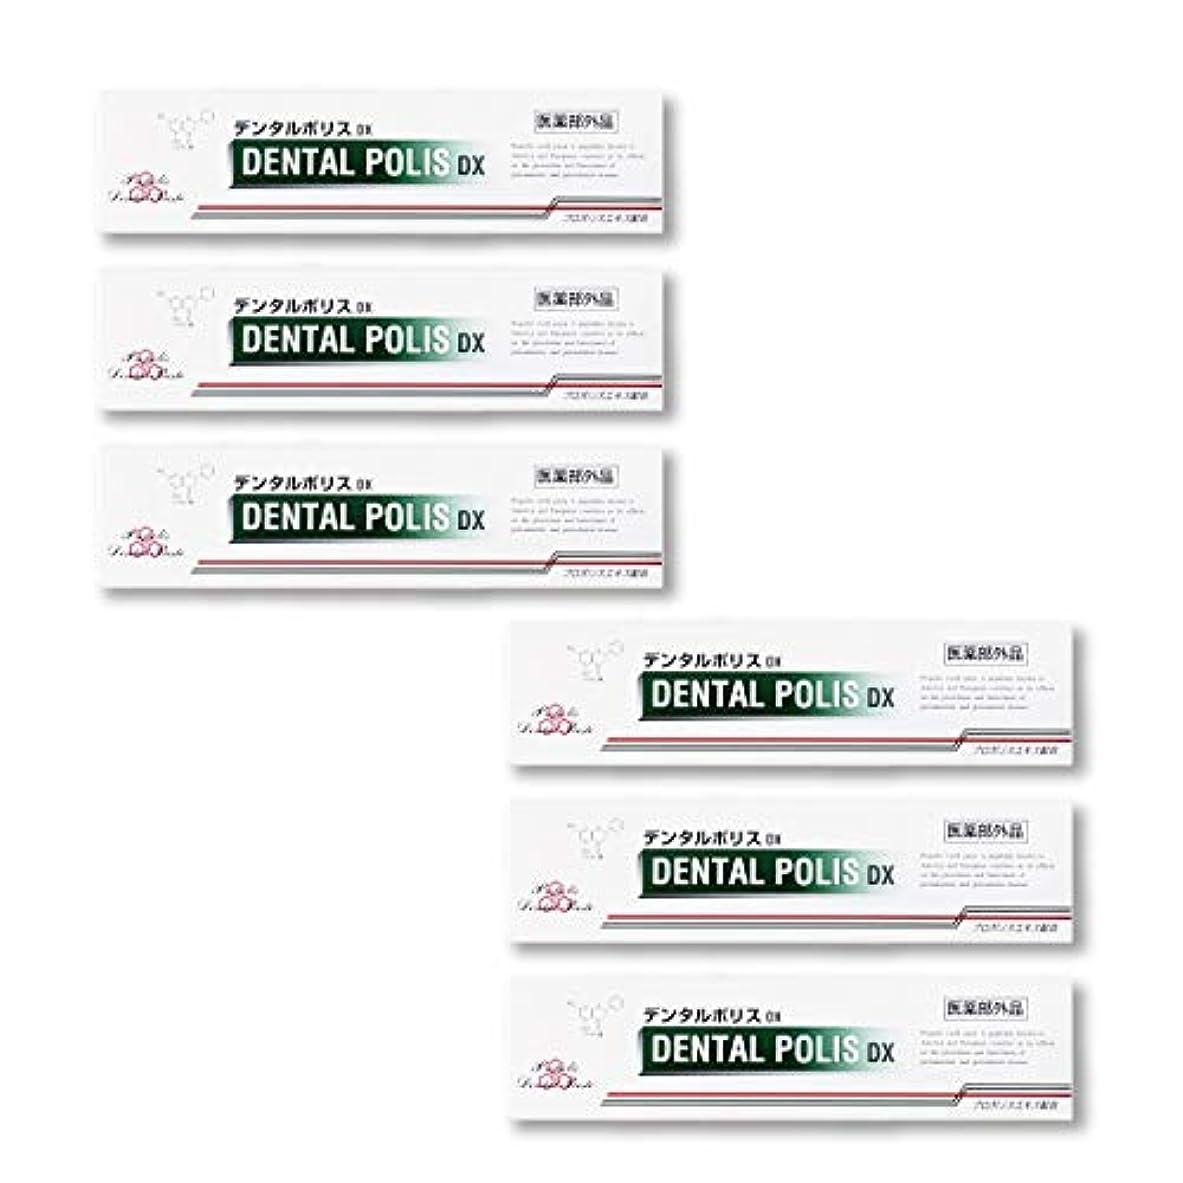 少ないしないでください修正デンタルポリスDX 80g お得な5個+1個セット 【医薬部外品】